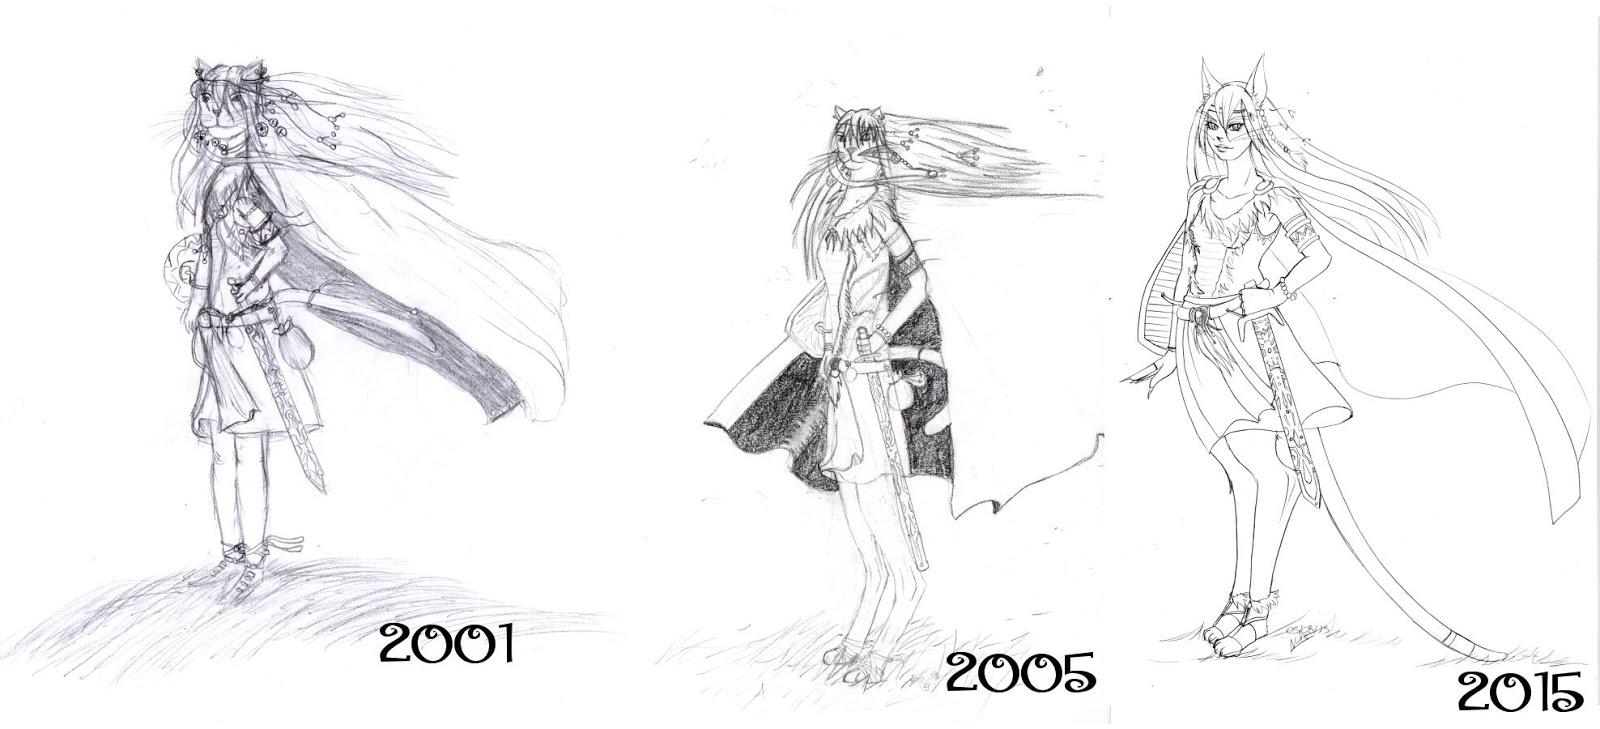 Ancien VS nouveaux dessins - Page 5 Evolution_femmechat